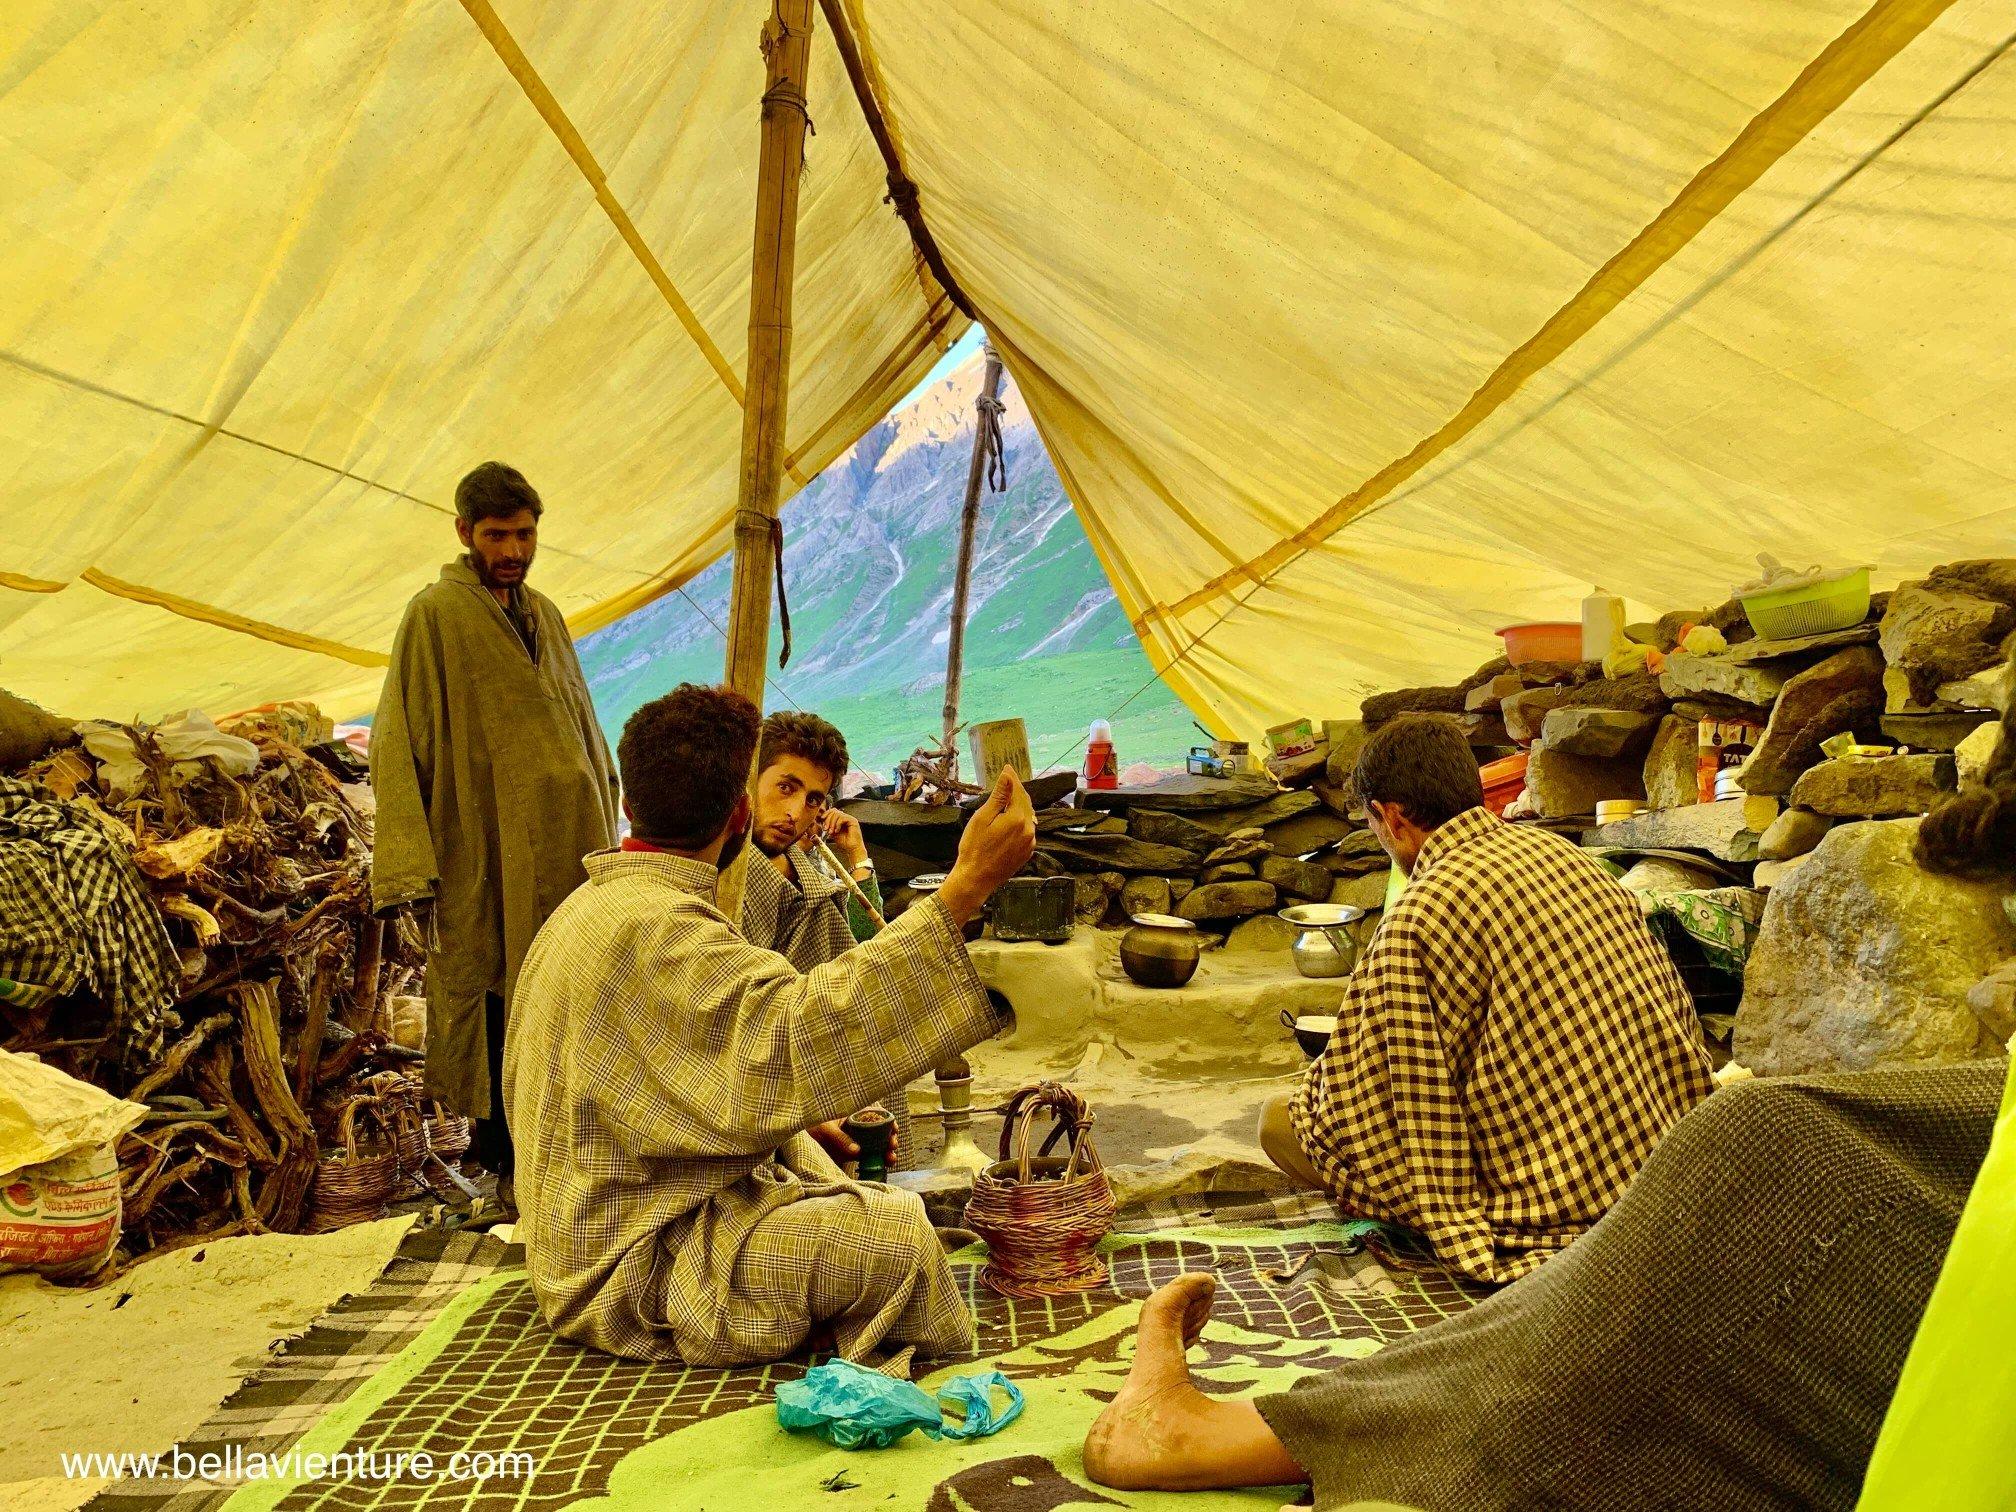 印度 India 北北印 North India 喀什米爾  Kashmir 八天七夜 健行 Nichnai Valley 牧羊人的居所作客